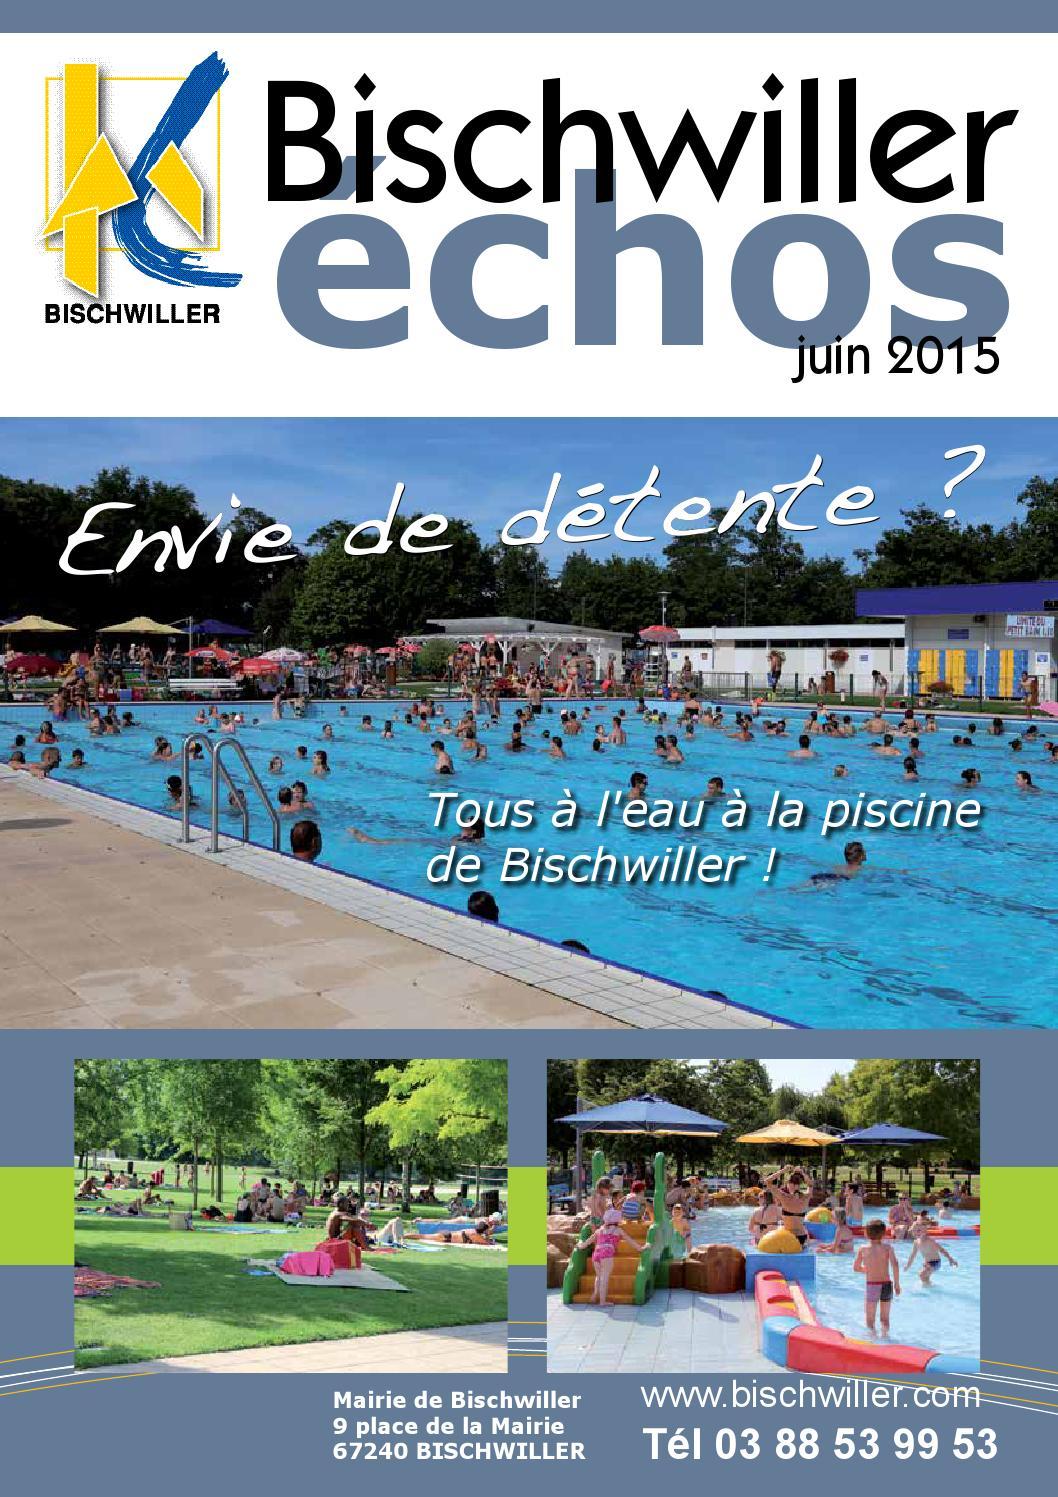 Echos de bischwiller juin 2015 by ville bischwiller issuu for Bischwiller piscine